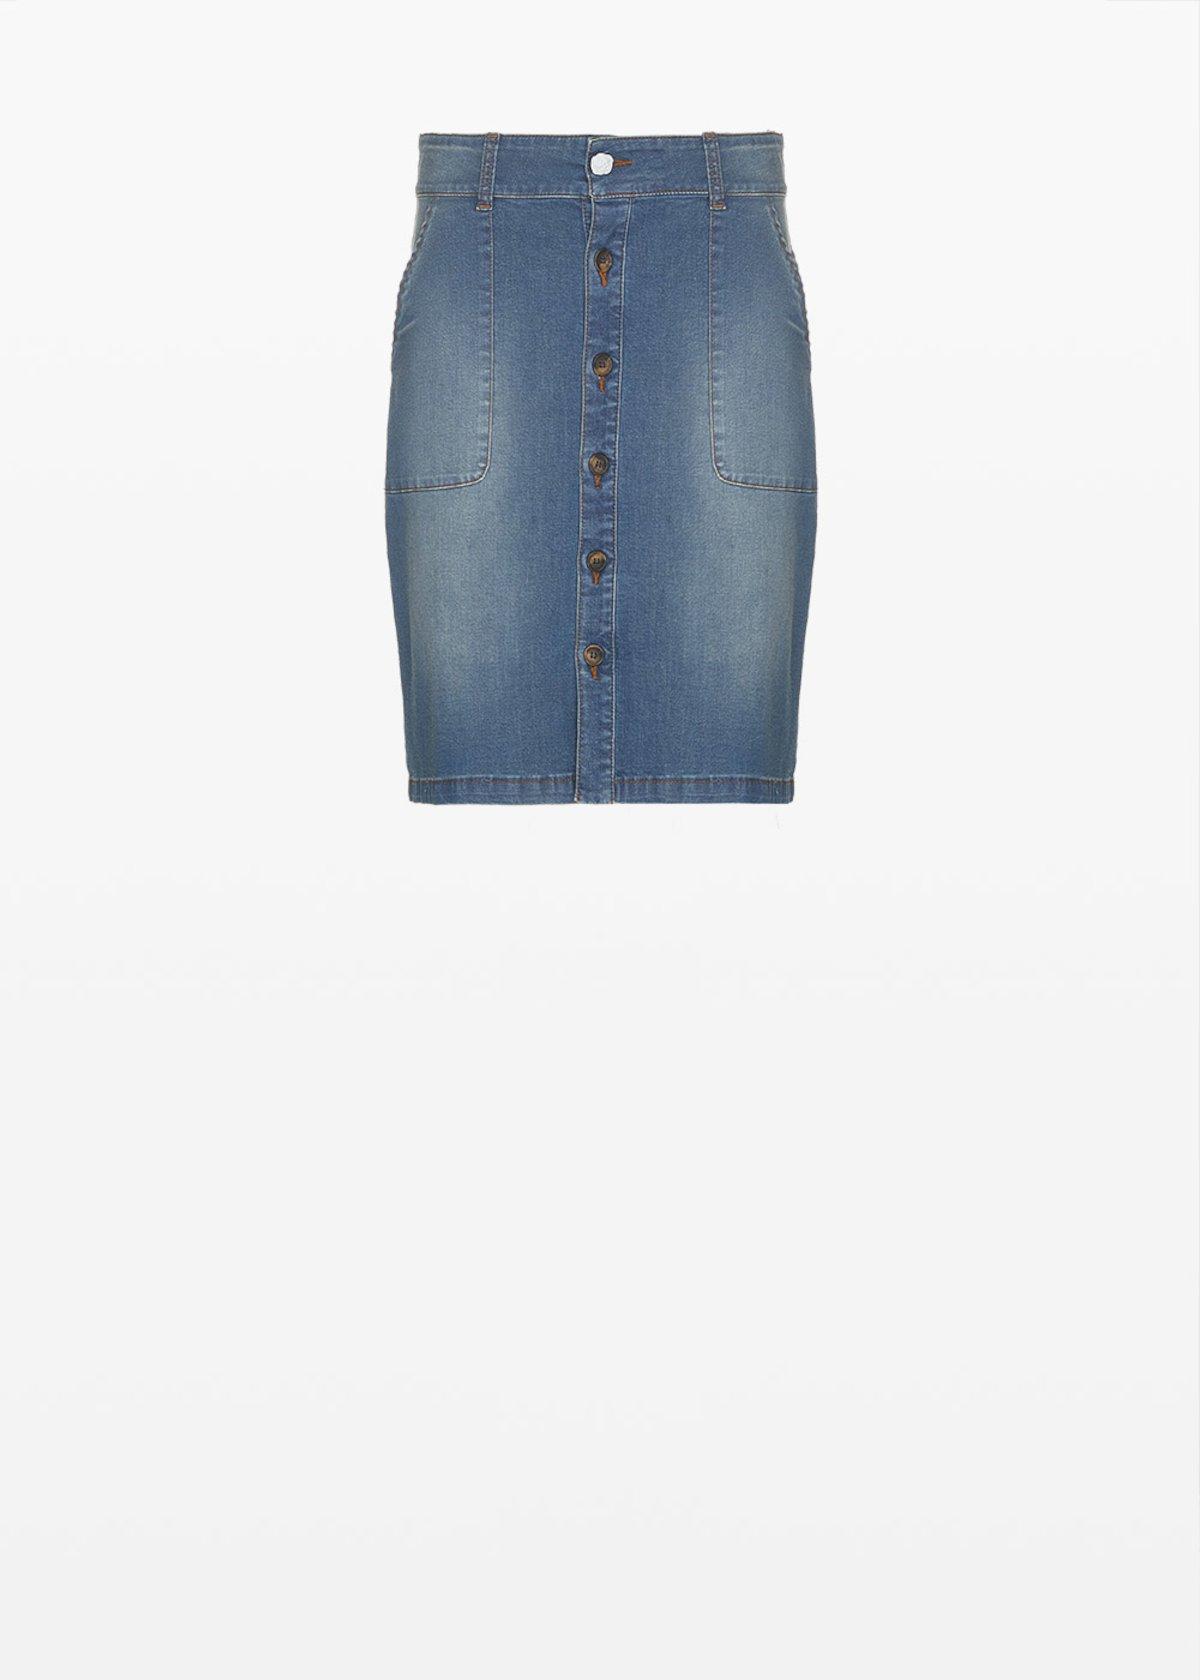 Giusy denim skirt